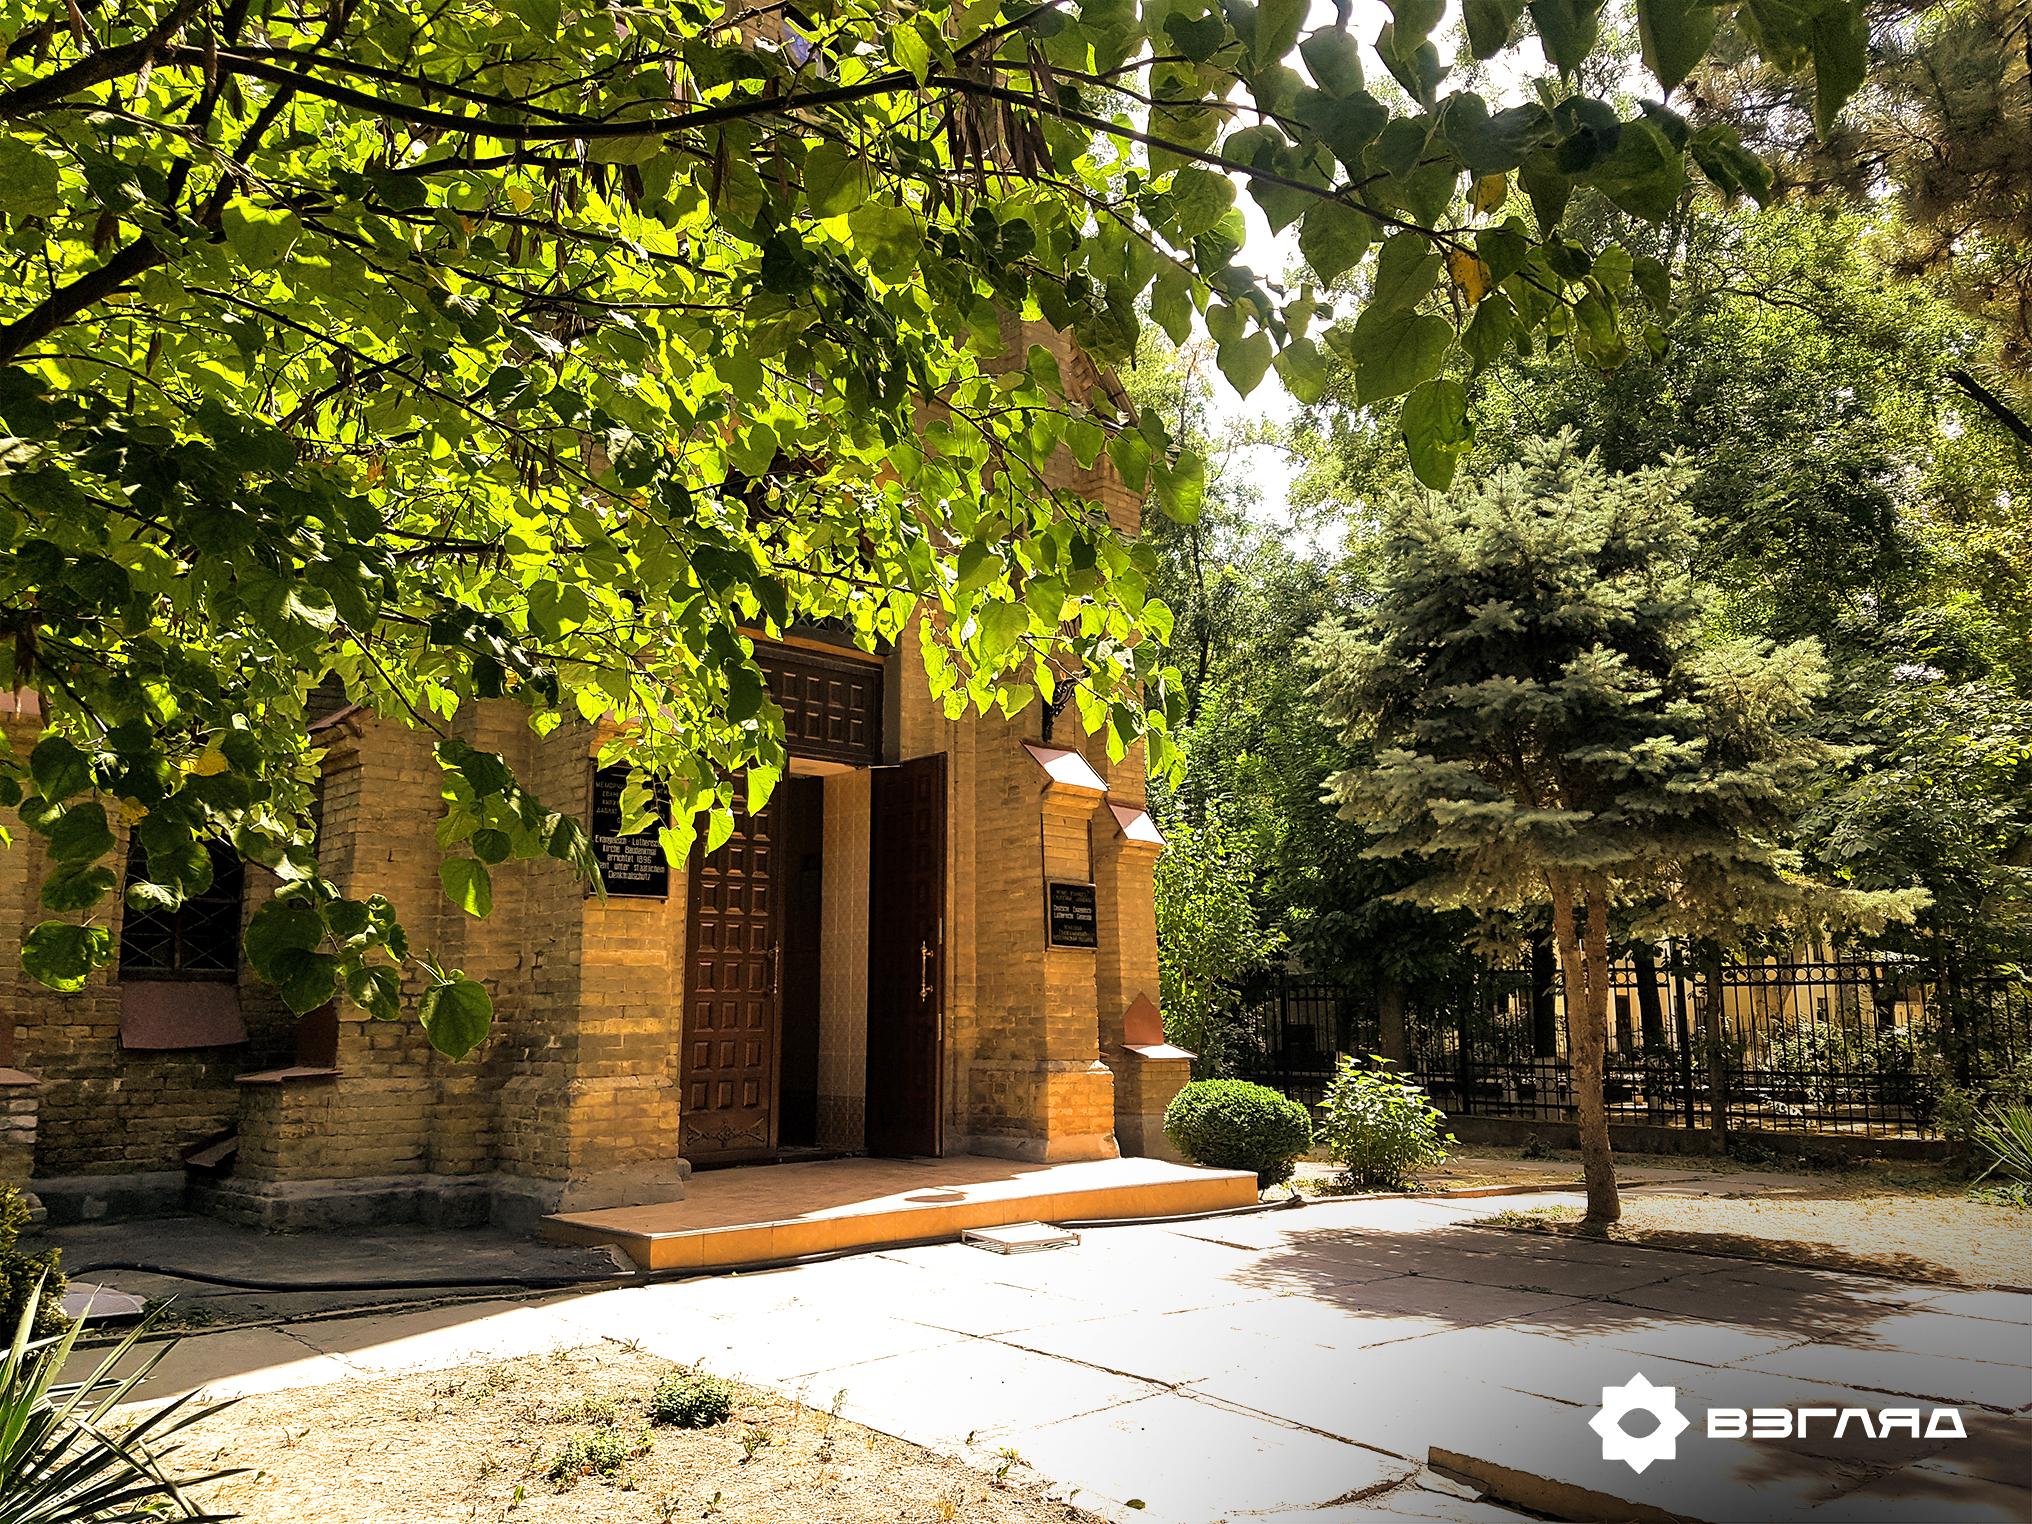 Пожары, запрет на службу и помещение под склад. Через что прошла немецкая кирха в Ташкенте? Вспоминаем историю 122-летнего здания